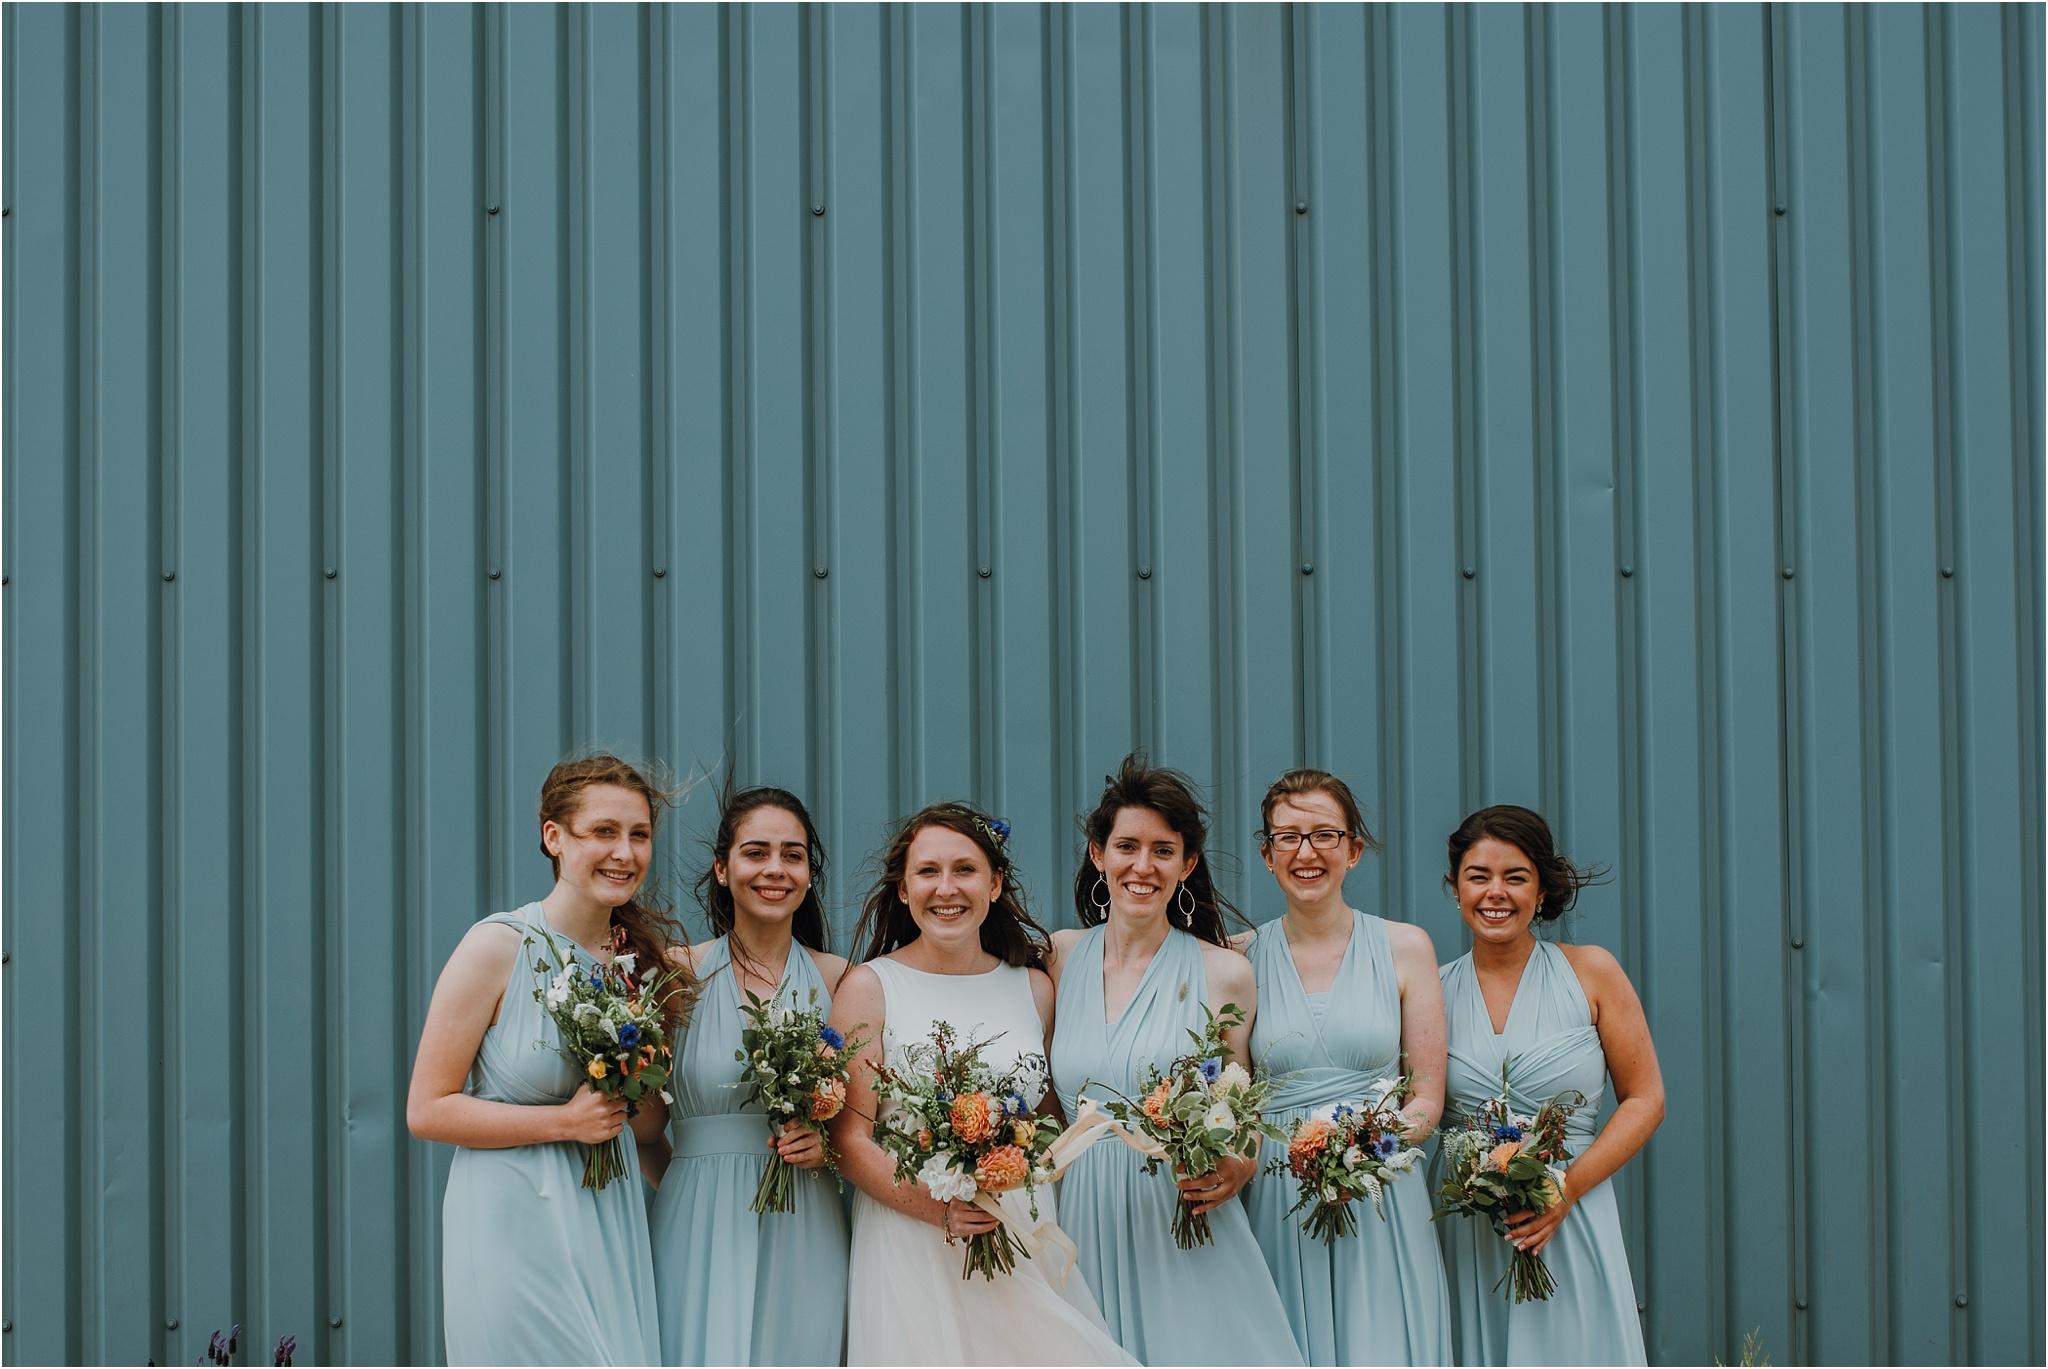 Edinburgh-barn-wedding-photographer_90.jpg